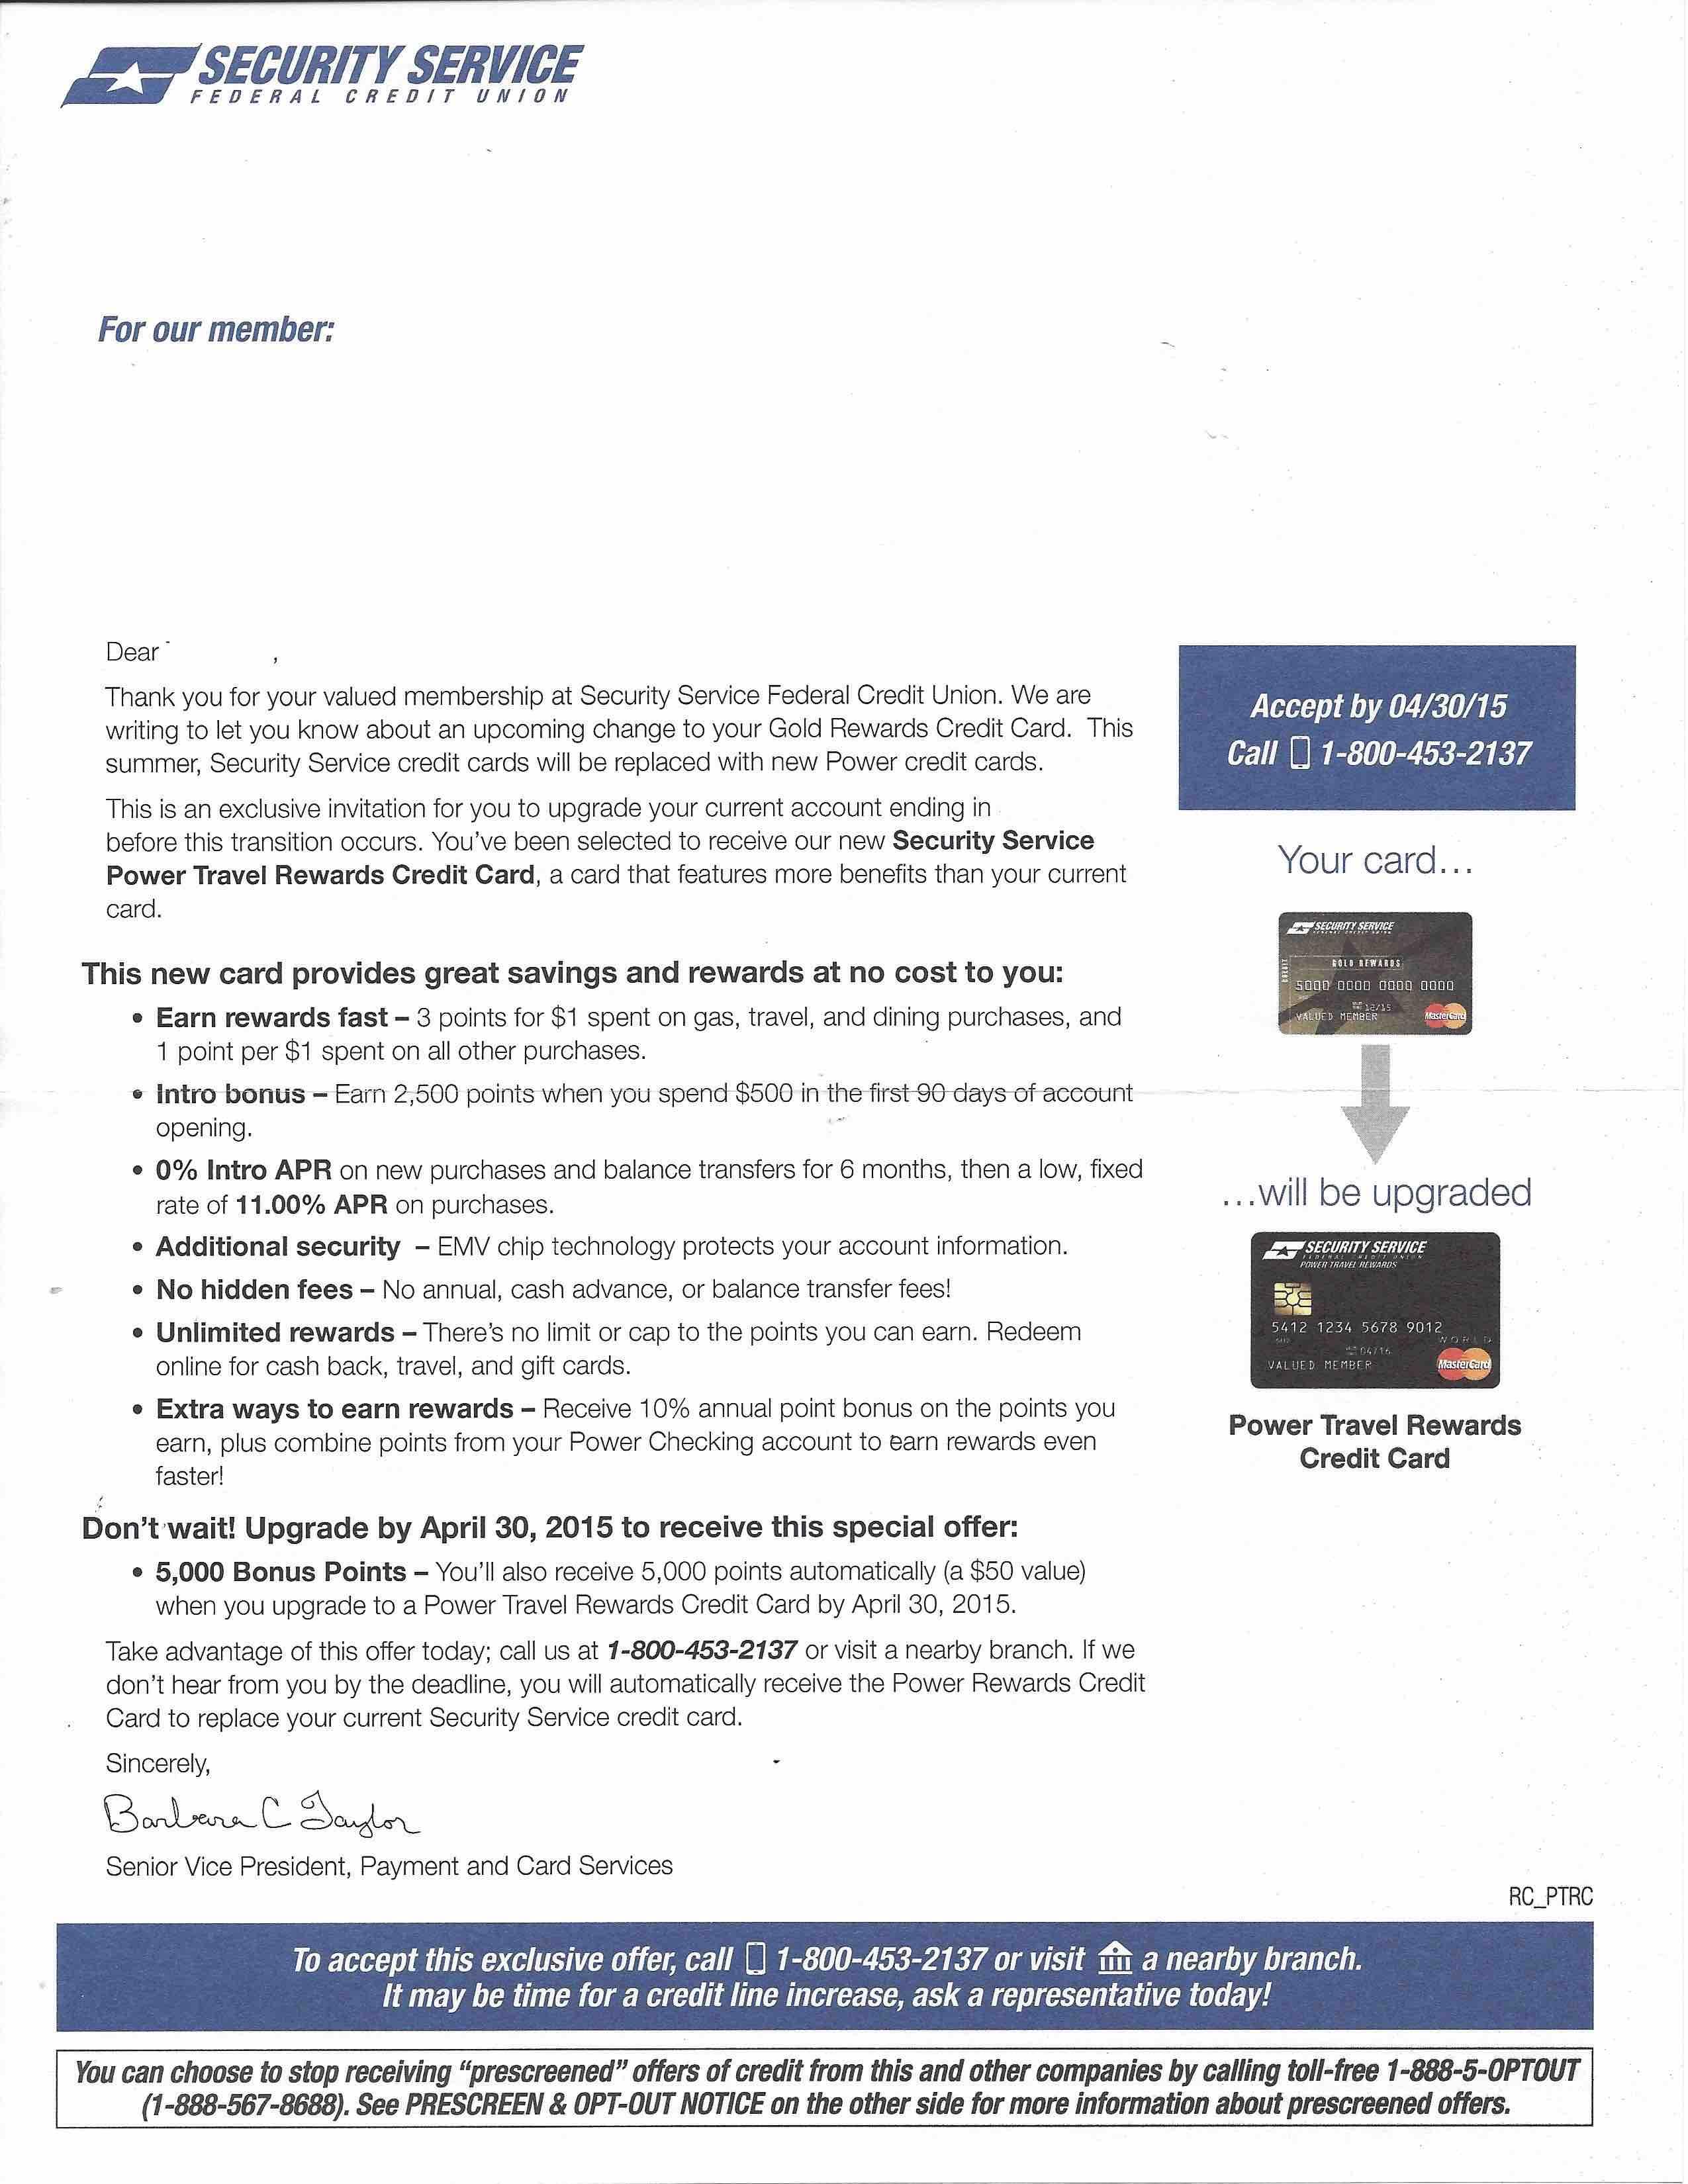 ssfcu rewards Power Travel Rewards World Mastercard Upgrade!!!! - myFICO® Forums ...